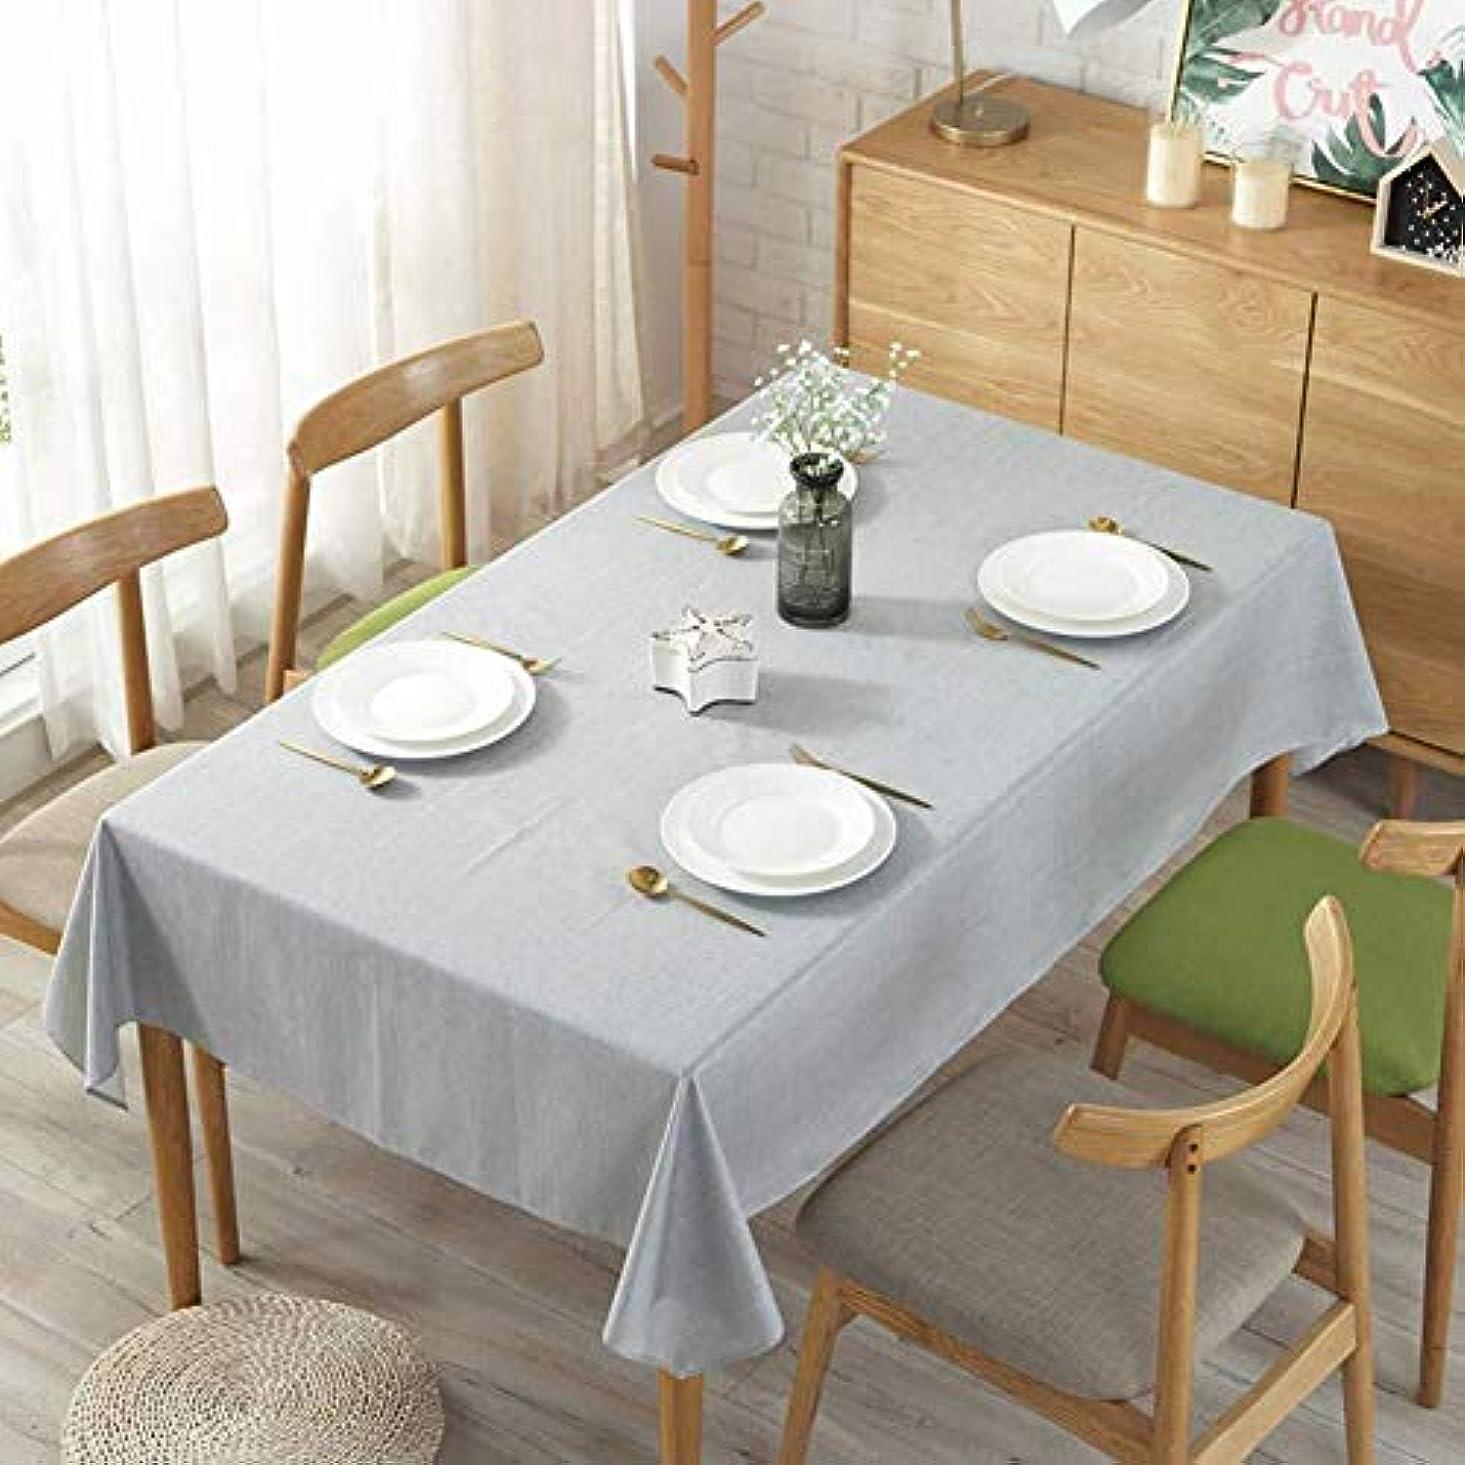 作者隠す系譜クリスマス テーブル クロス テーブルクロスは、屋内、屋外に適したクリーンテーブルクロス長方形リネンテーブルカバーソリッドカラー防水?防油テーブルクロスを拭き (Color : Light Grey, Size : 100×140cm)